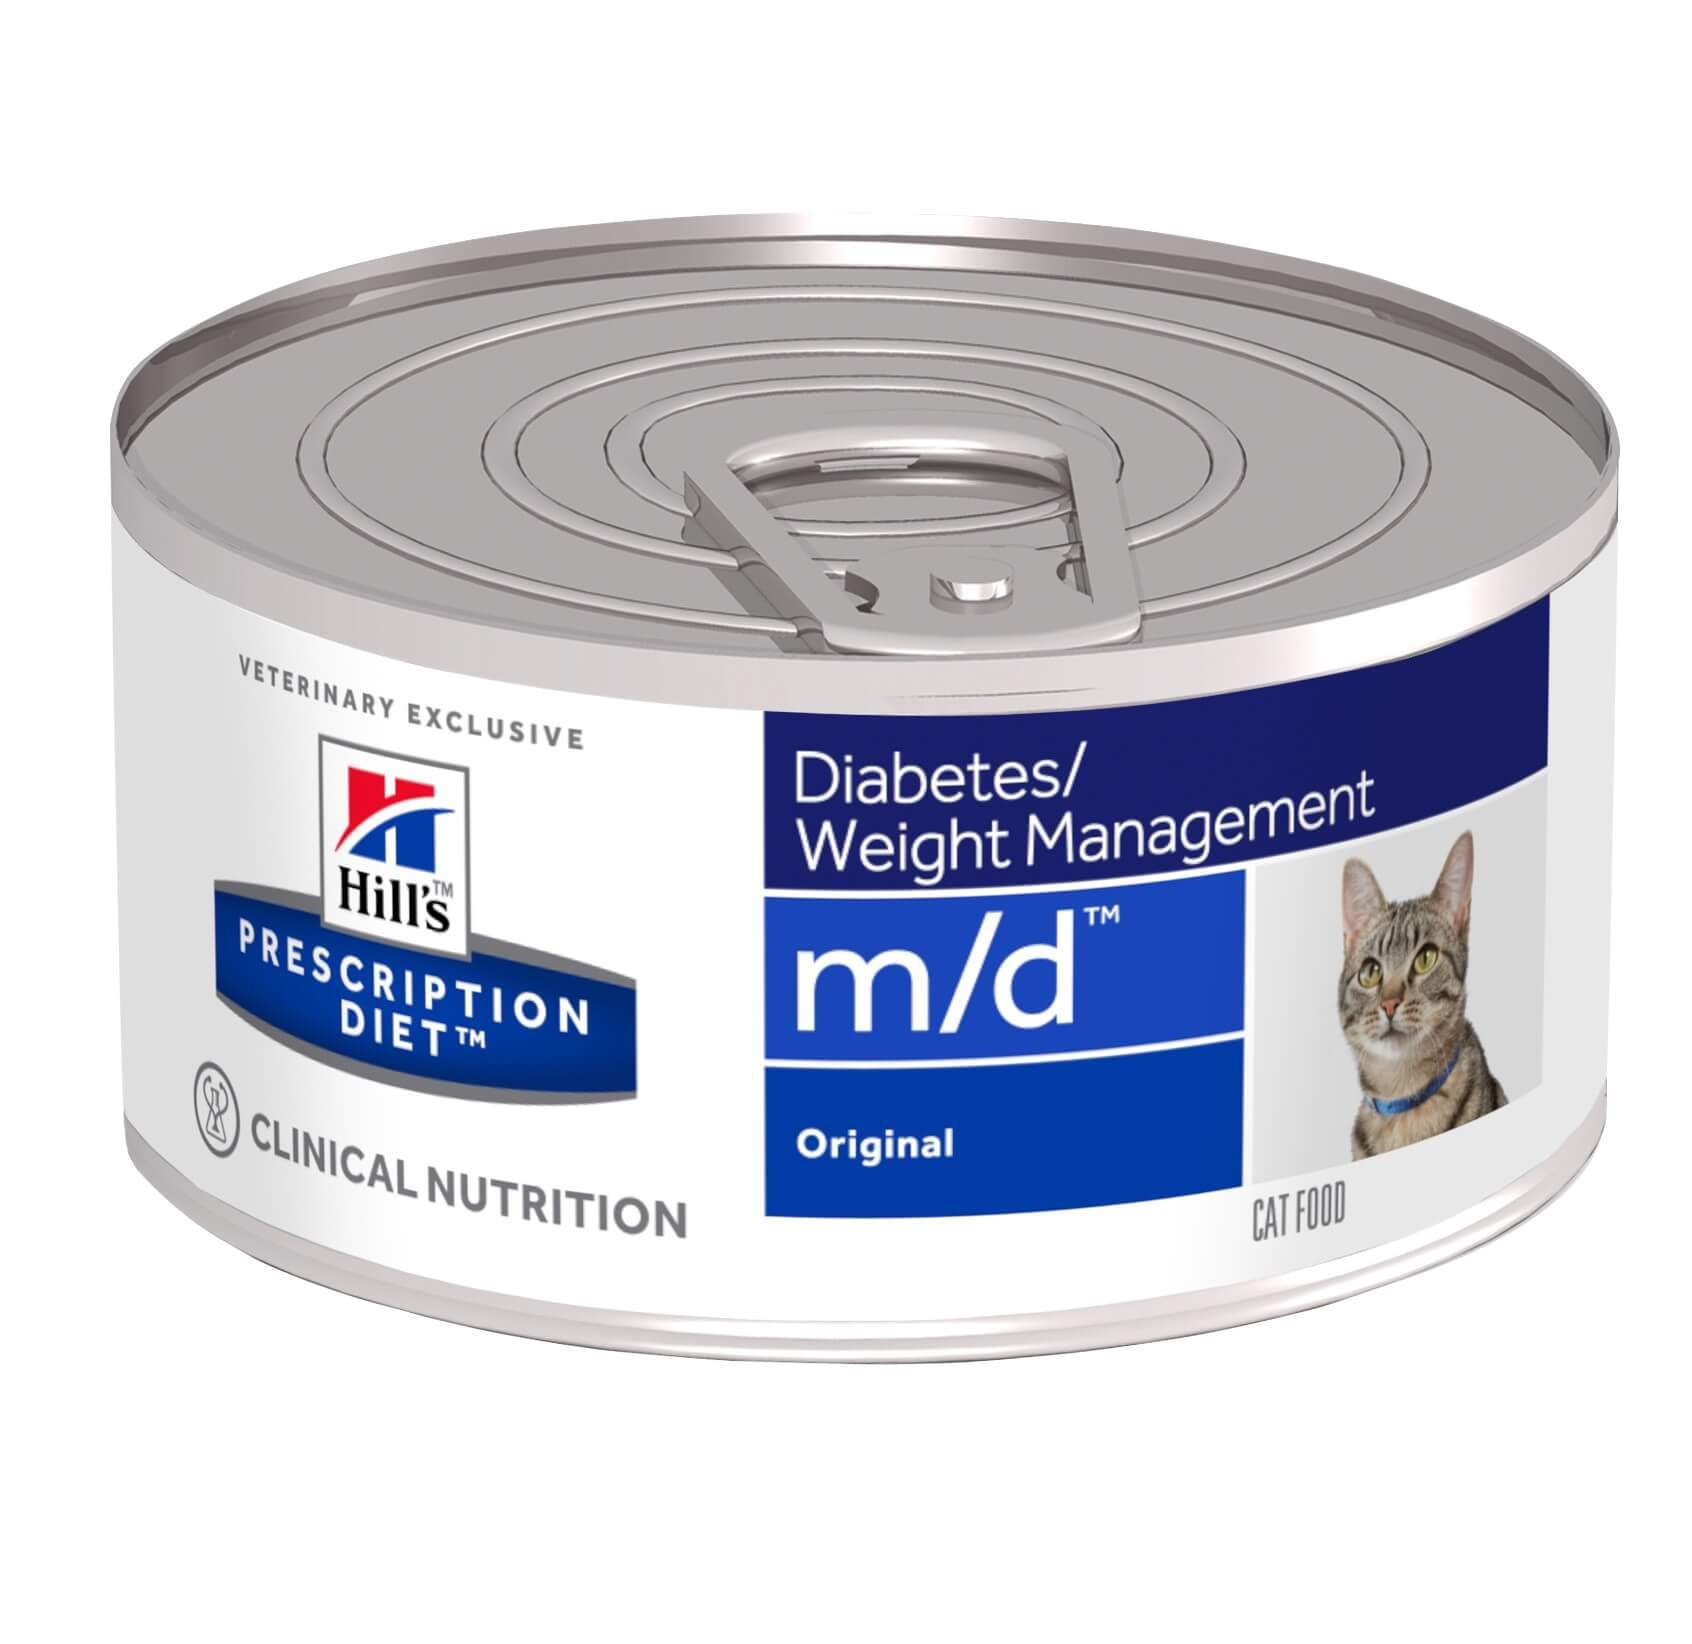 Hill's Prescription M/D Diabetes Weight Management pâtée pour chat